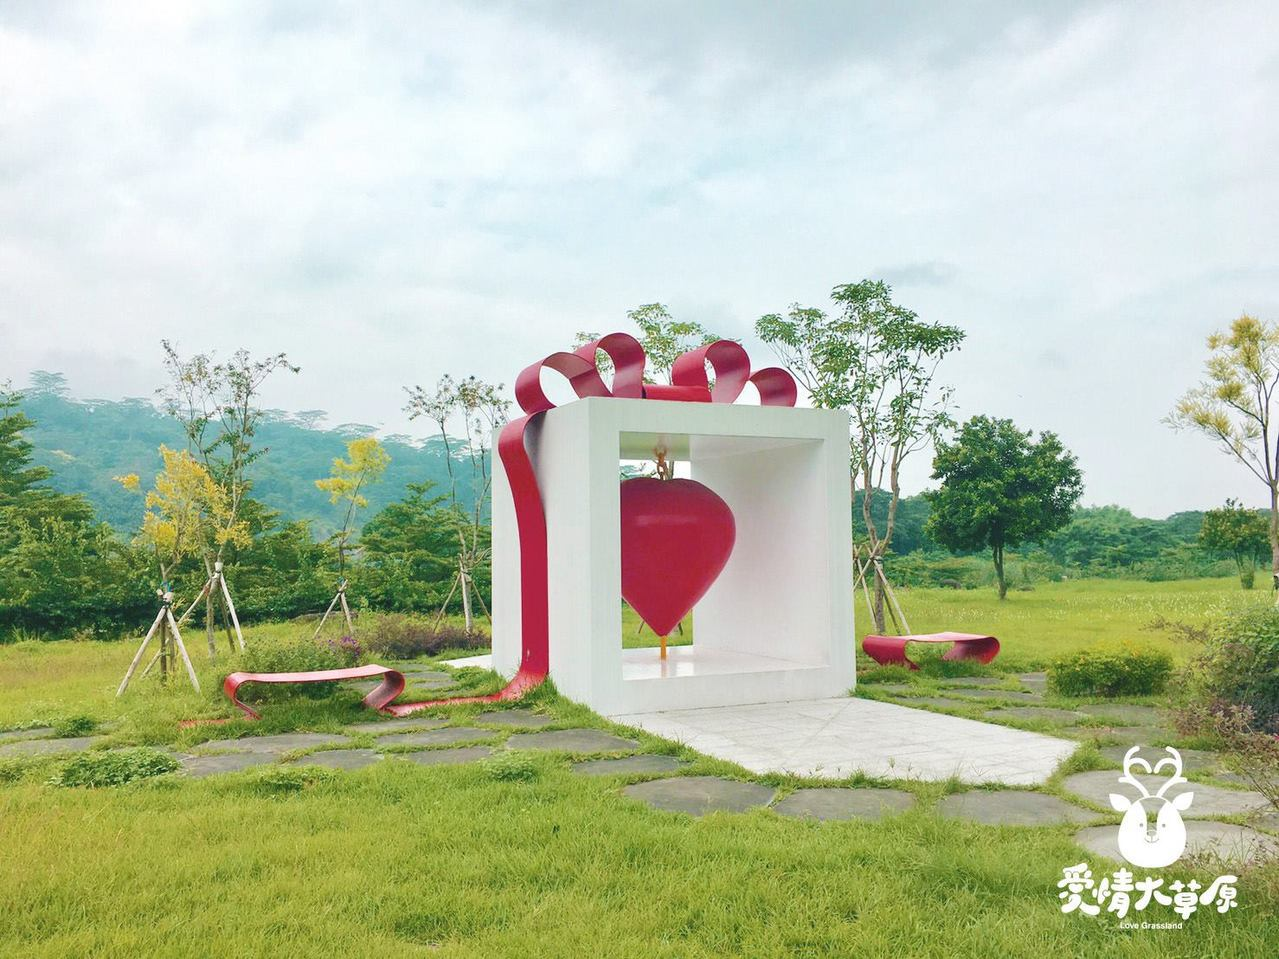 ▲阿里山旅遊景點-旺萊愛情草原。(圖/旺萊山官方FB)